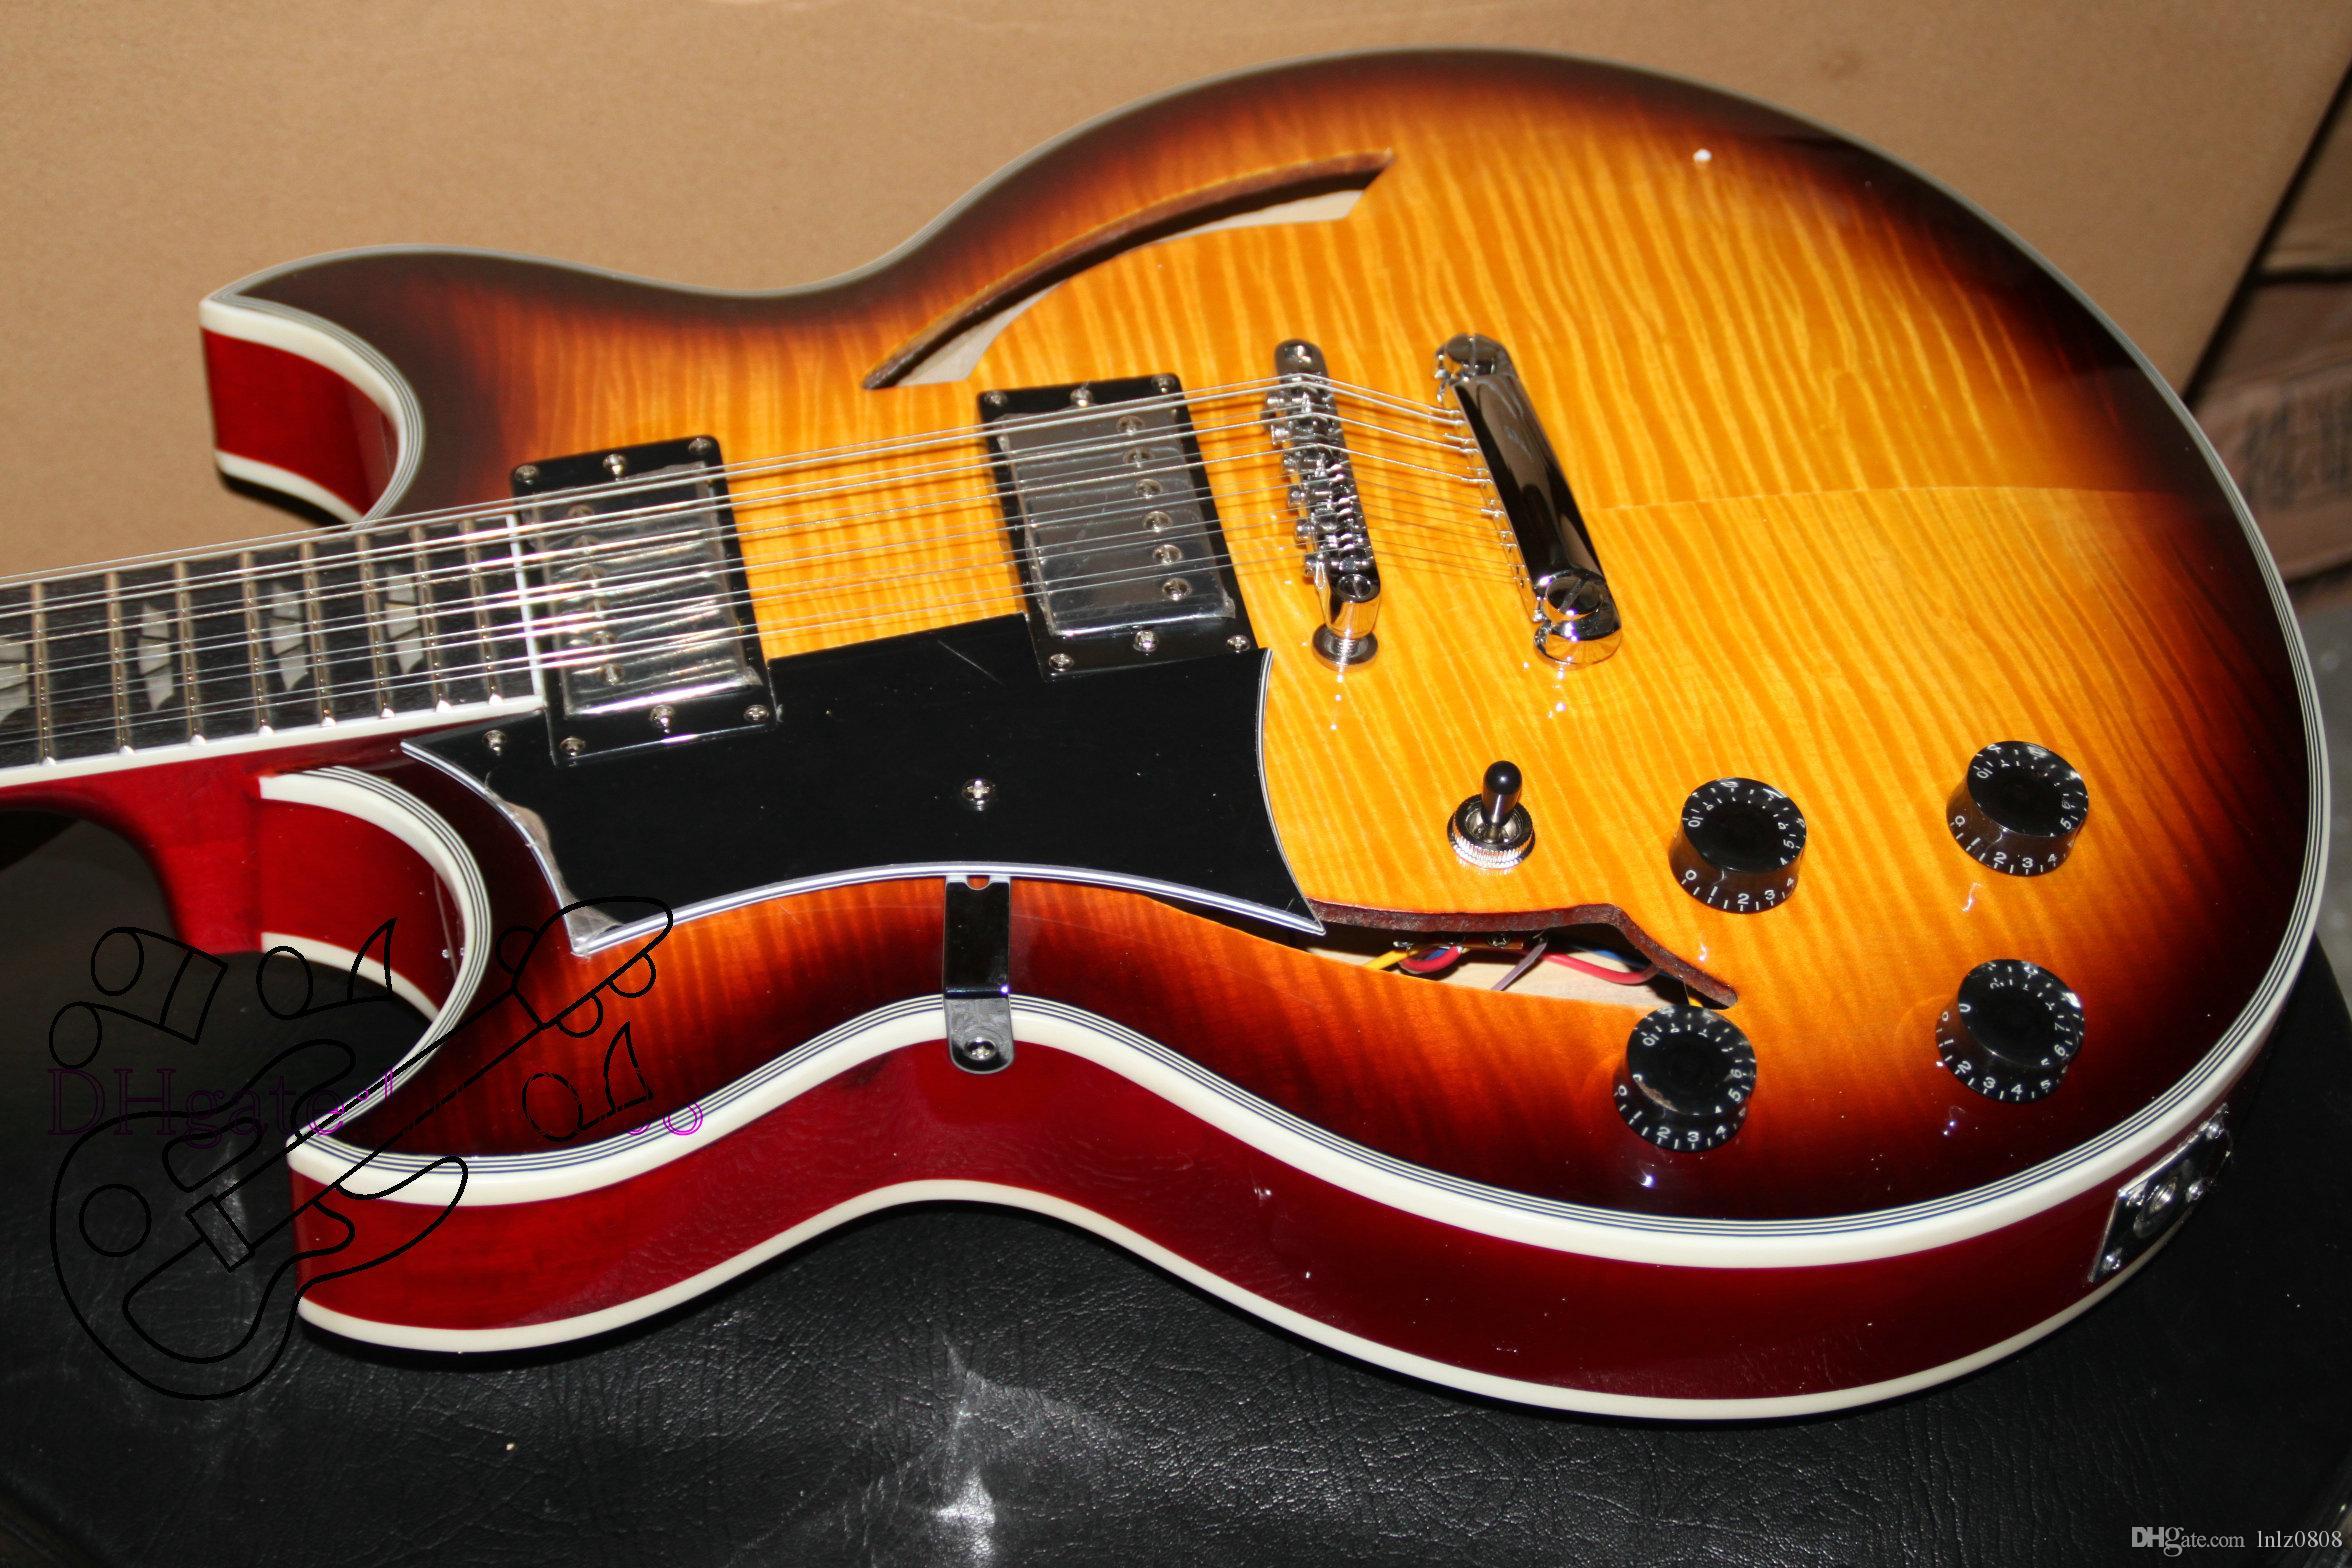 일렉트릭 기타 할로우 바디 할로우 바디 기타 12 현 지정 왼손잡이 기타